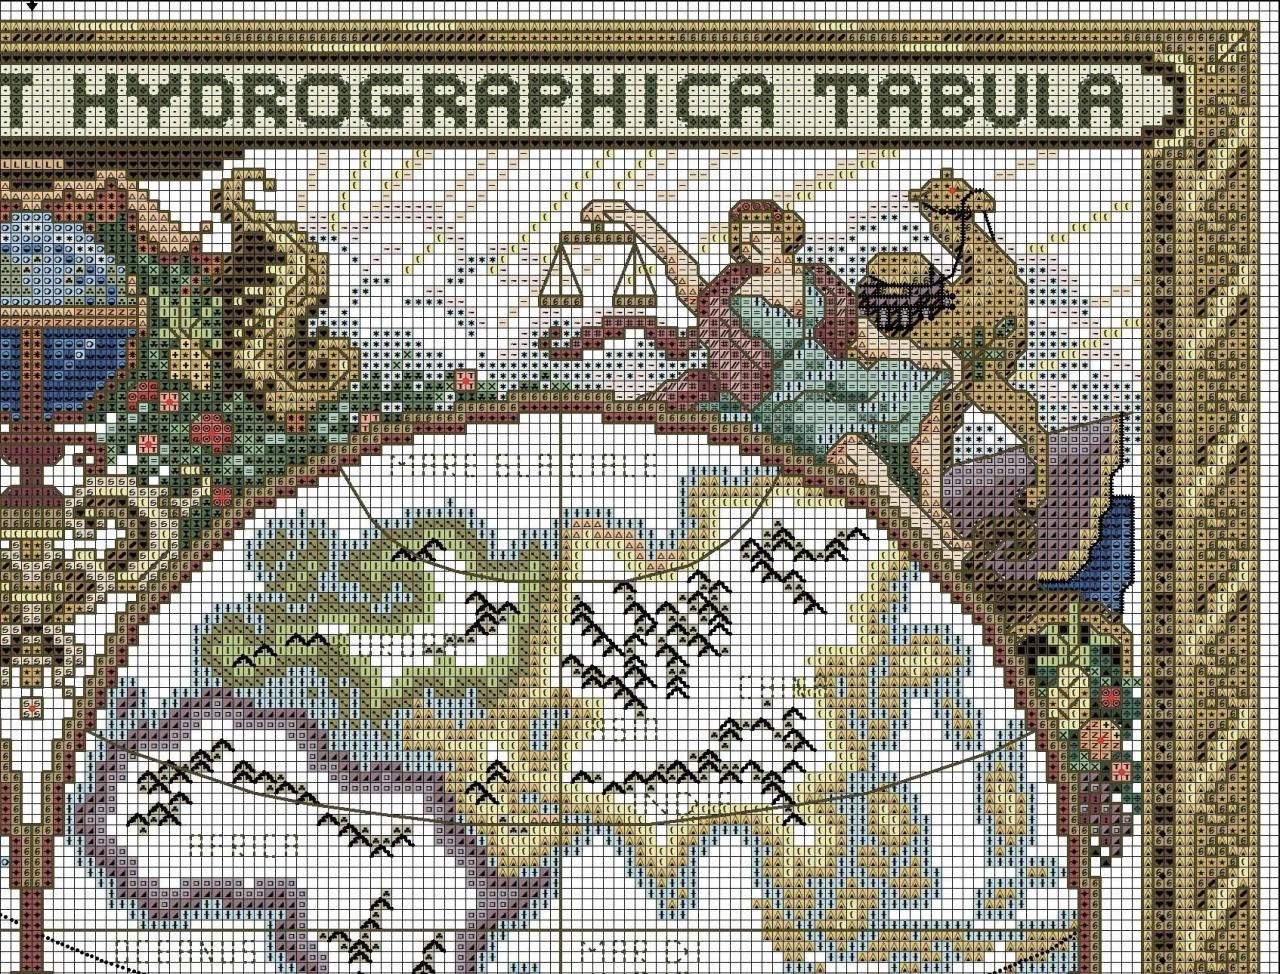 Старинная карта мира вышивка